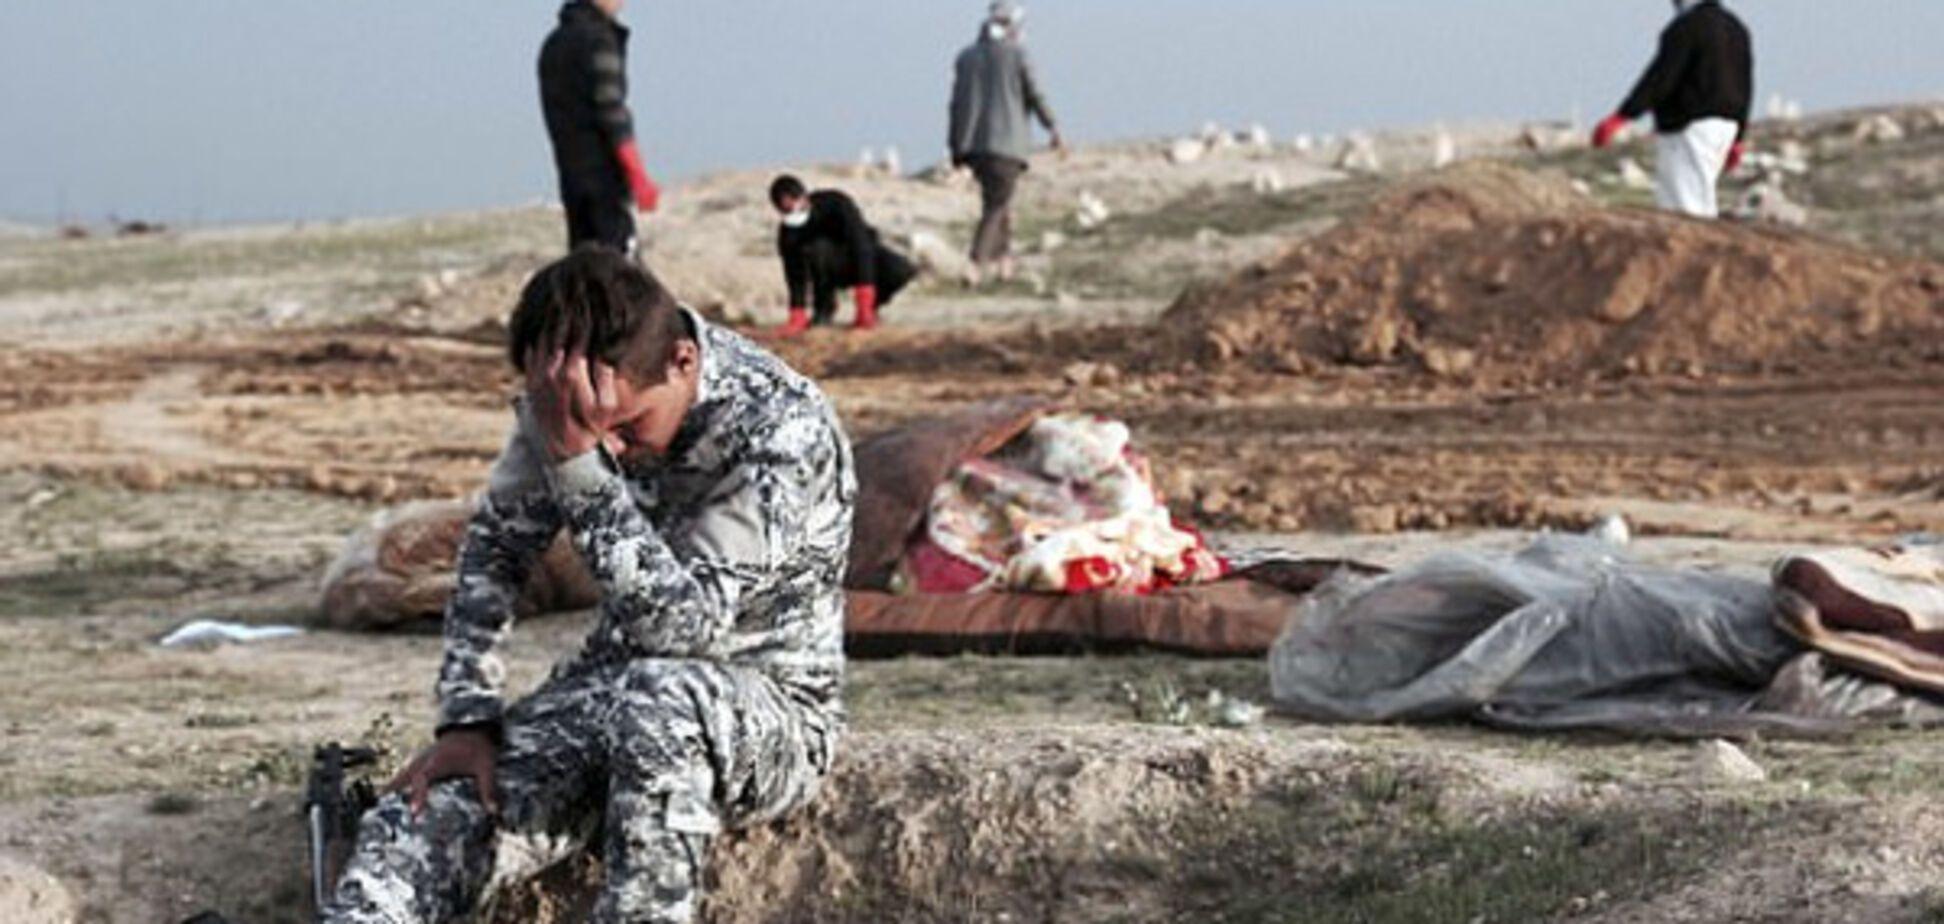 Убитий горем іракський солдат